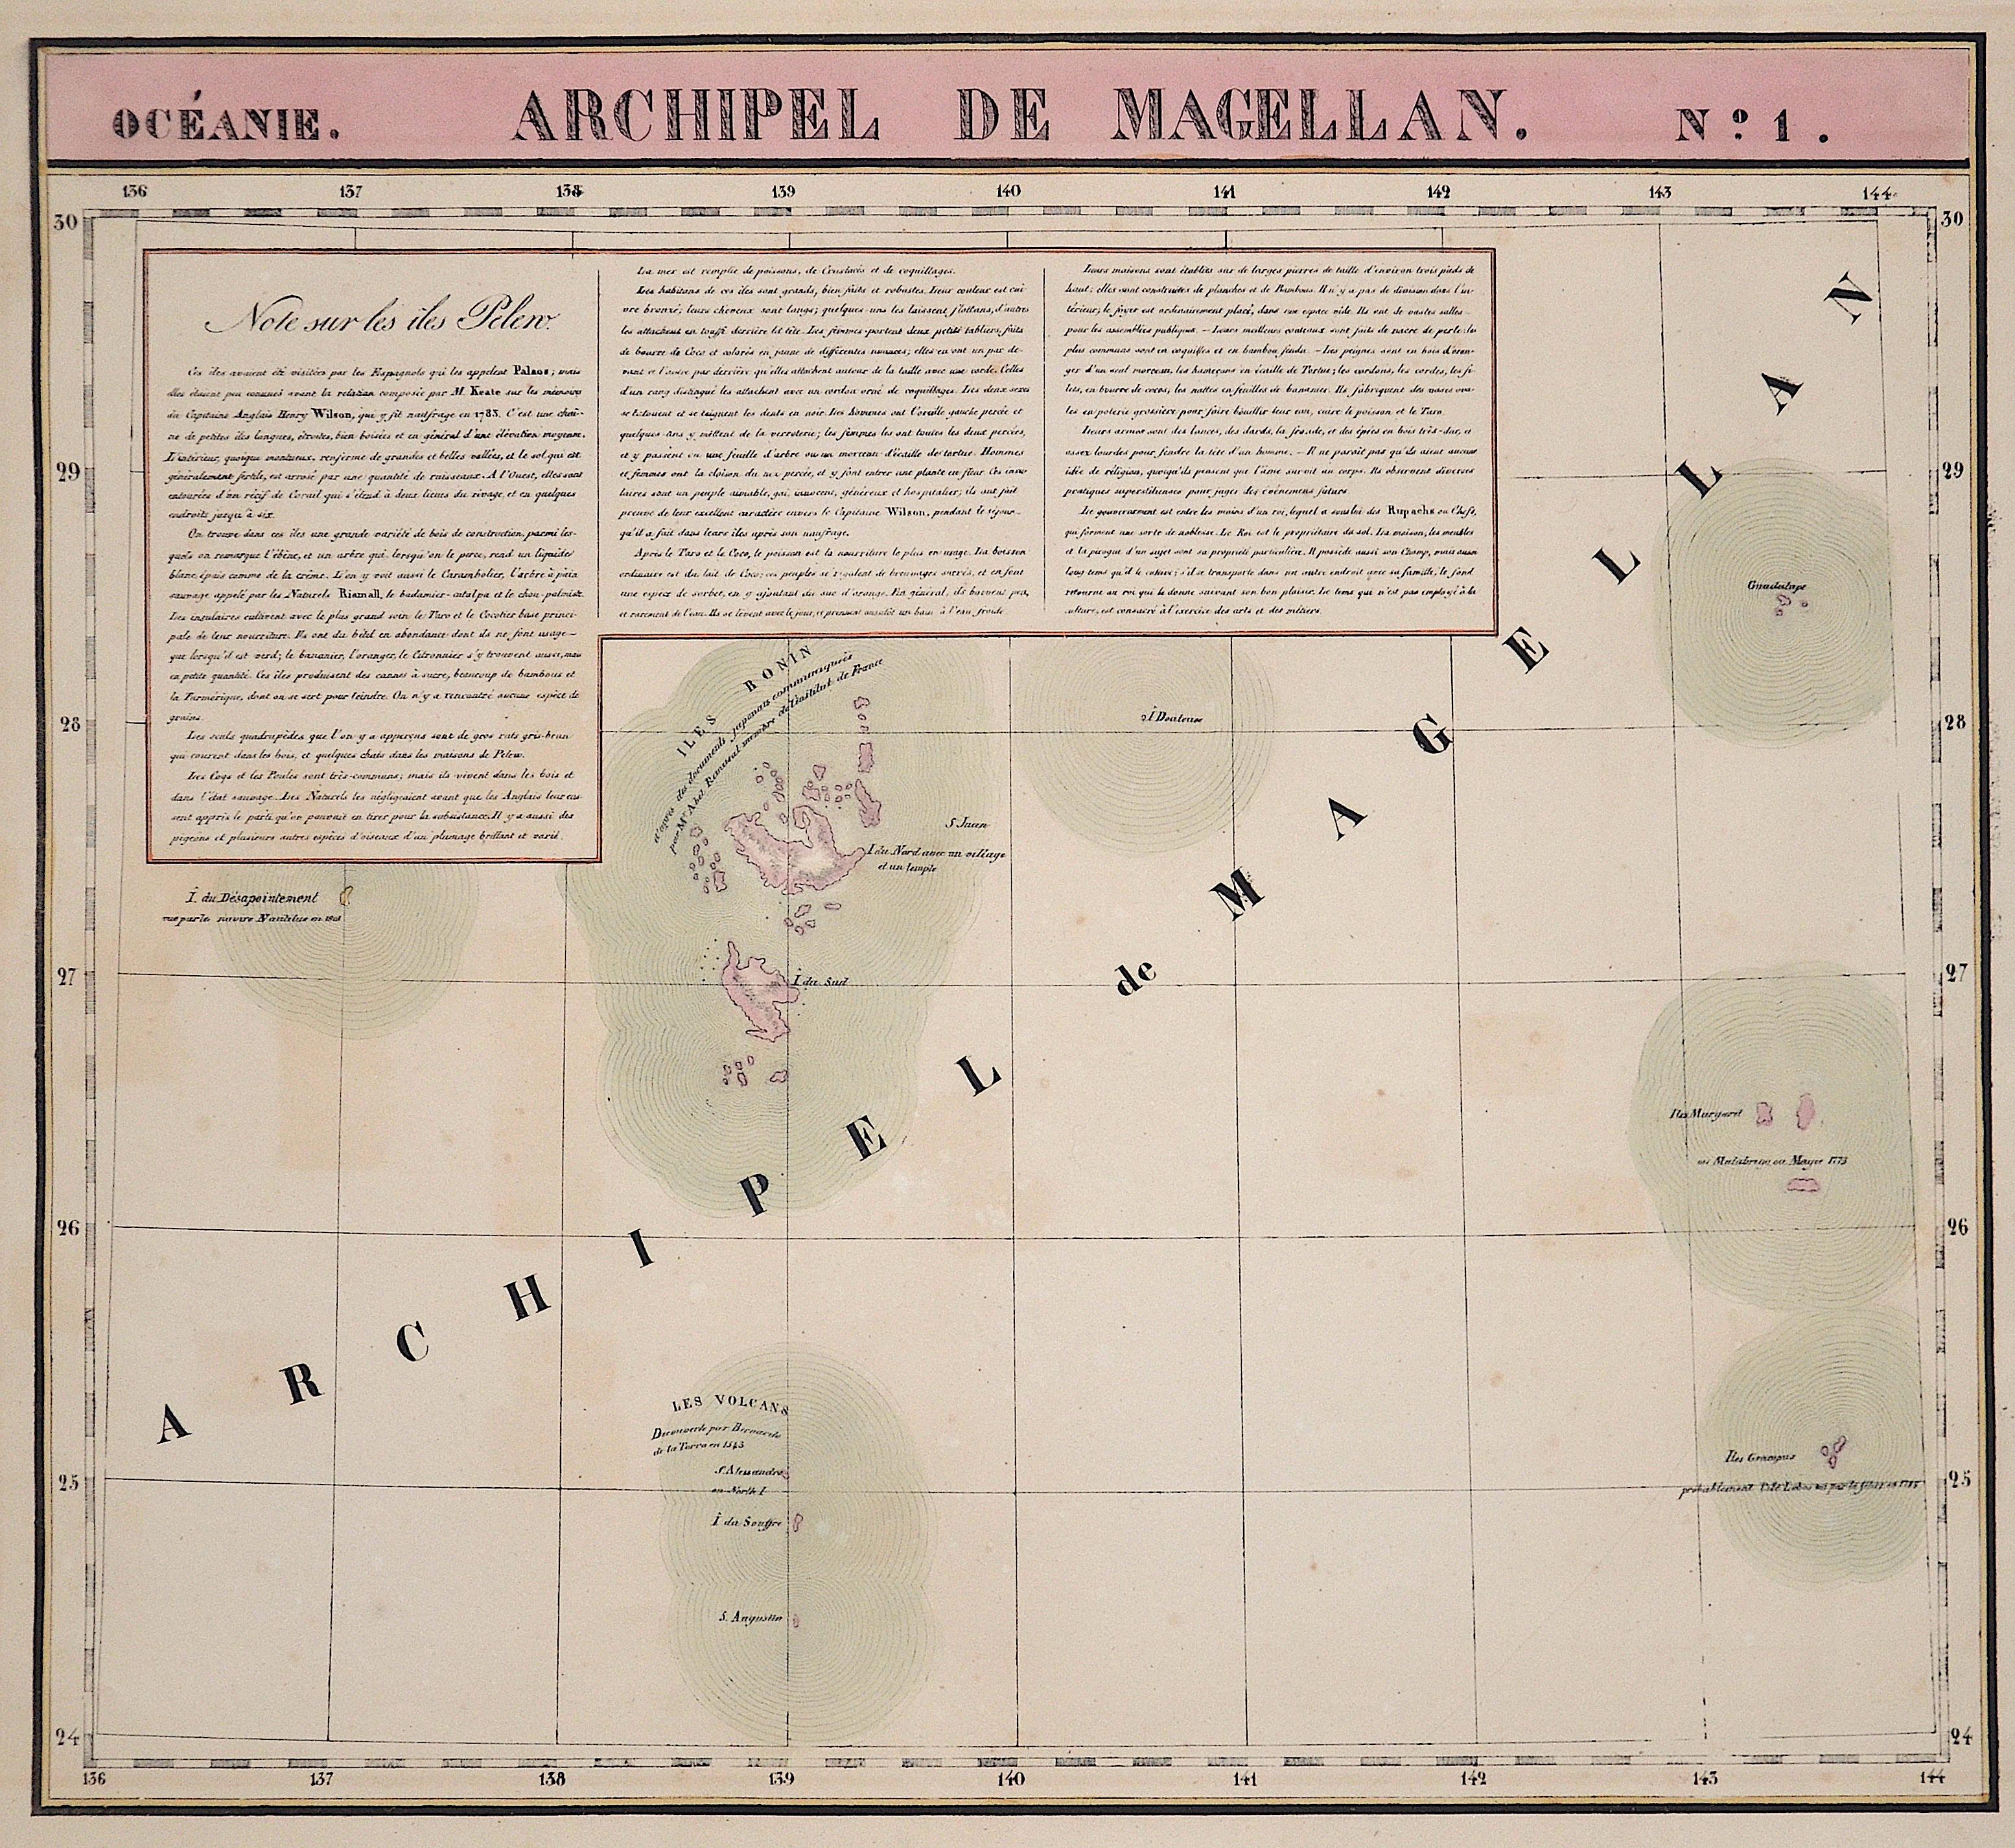 Vandermaelen  Archipel de Magellan No. 1